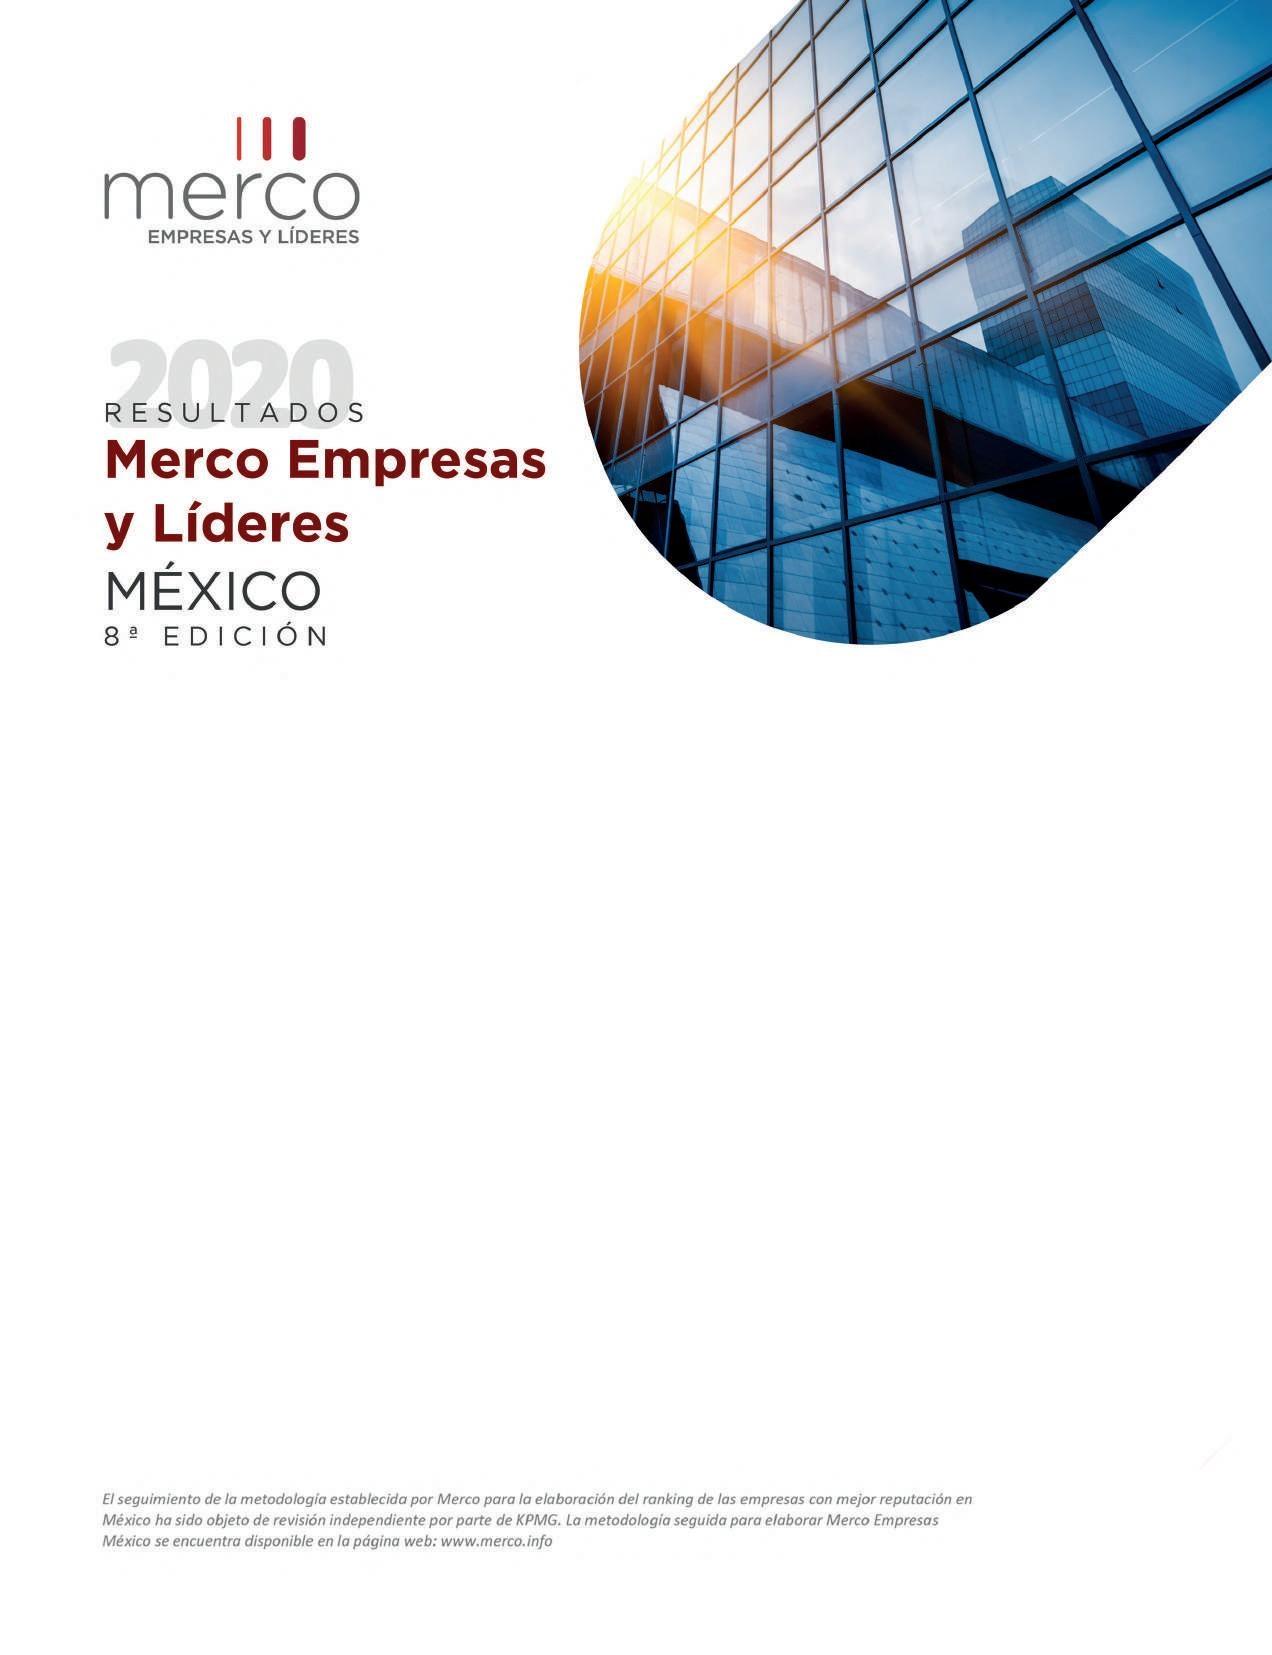 Page 14 of Resultados 2020 MERCO Empresas y Líderes México 8a. edición.